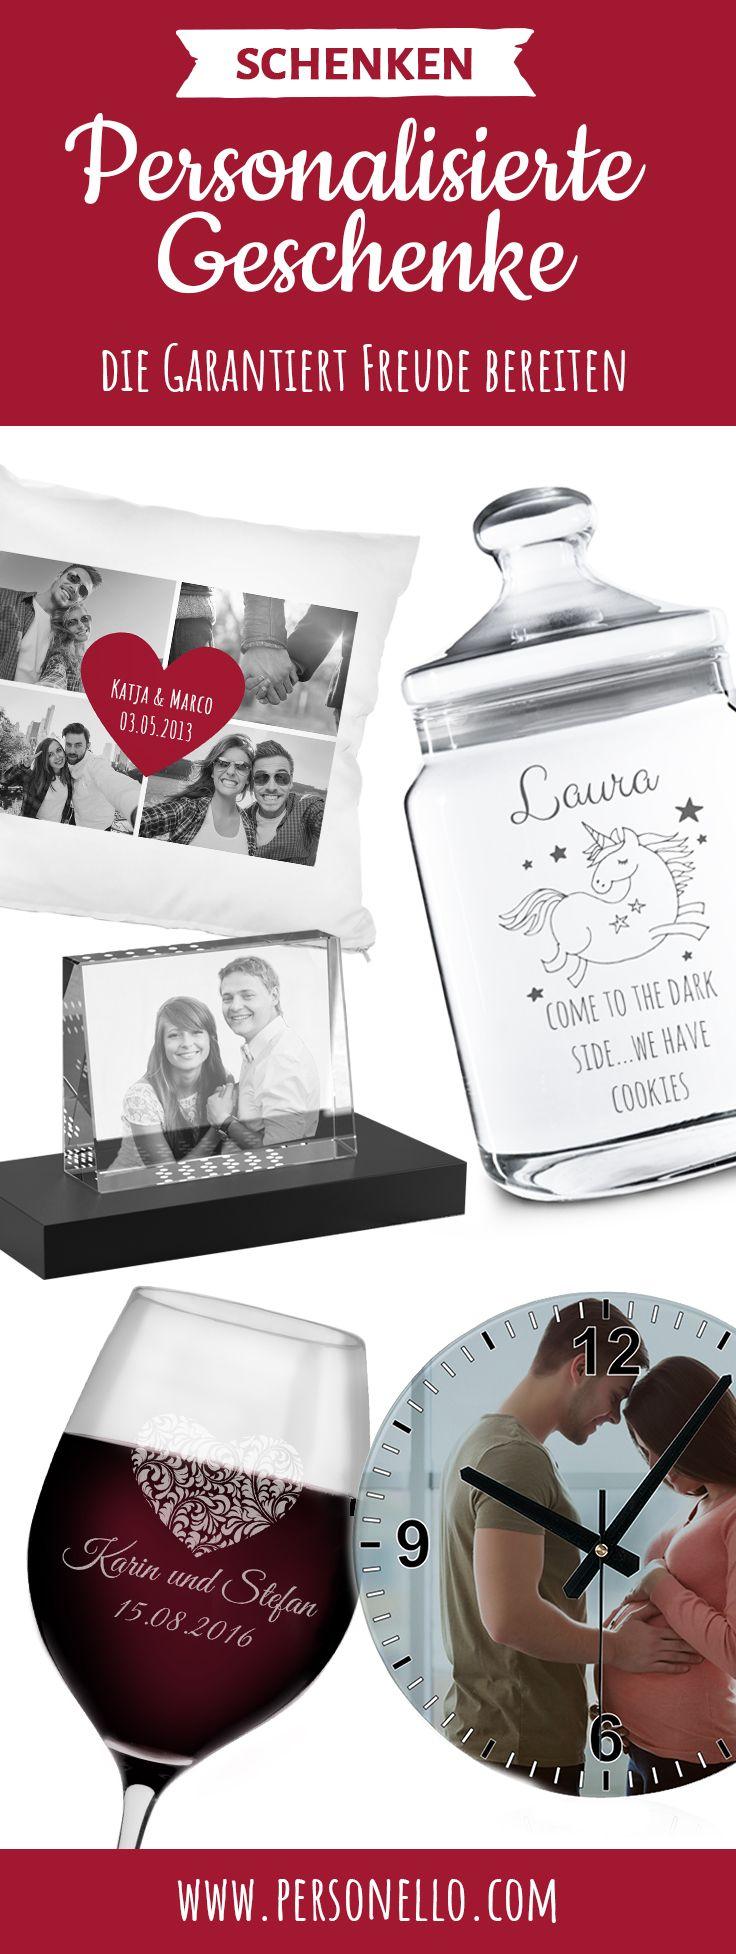 raffinierte gravur und fotogeschenke personalisierte geschenke mit herz f r die ganze familie. Black Bedroom Furniture Sets. Home Design Ideas